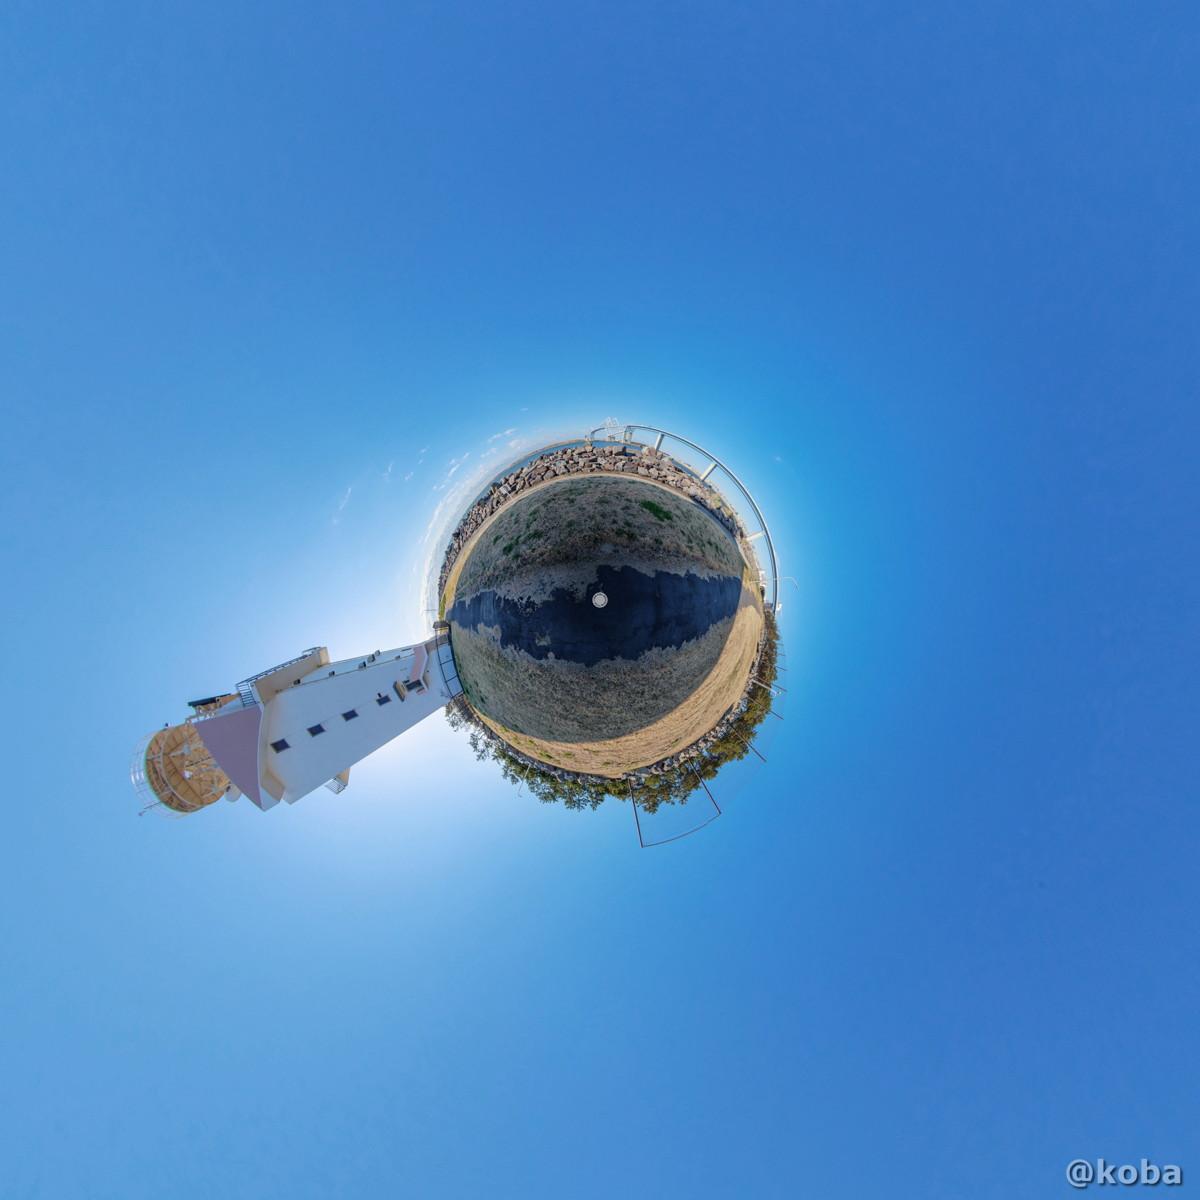 東京ゲートブリッジ「若洲公園」|360°リトルプラネット画像|東京都江東区若洲|こばフォトブログ